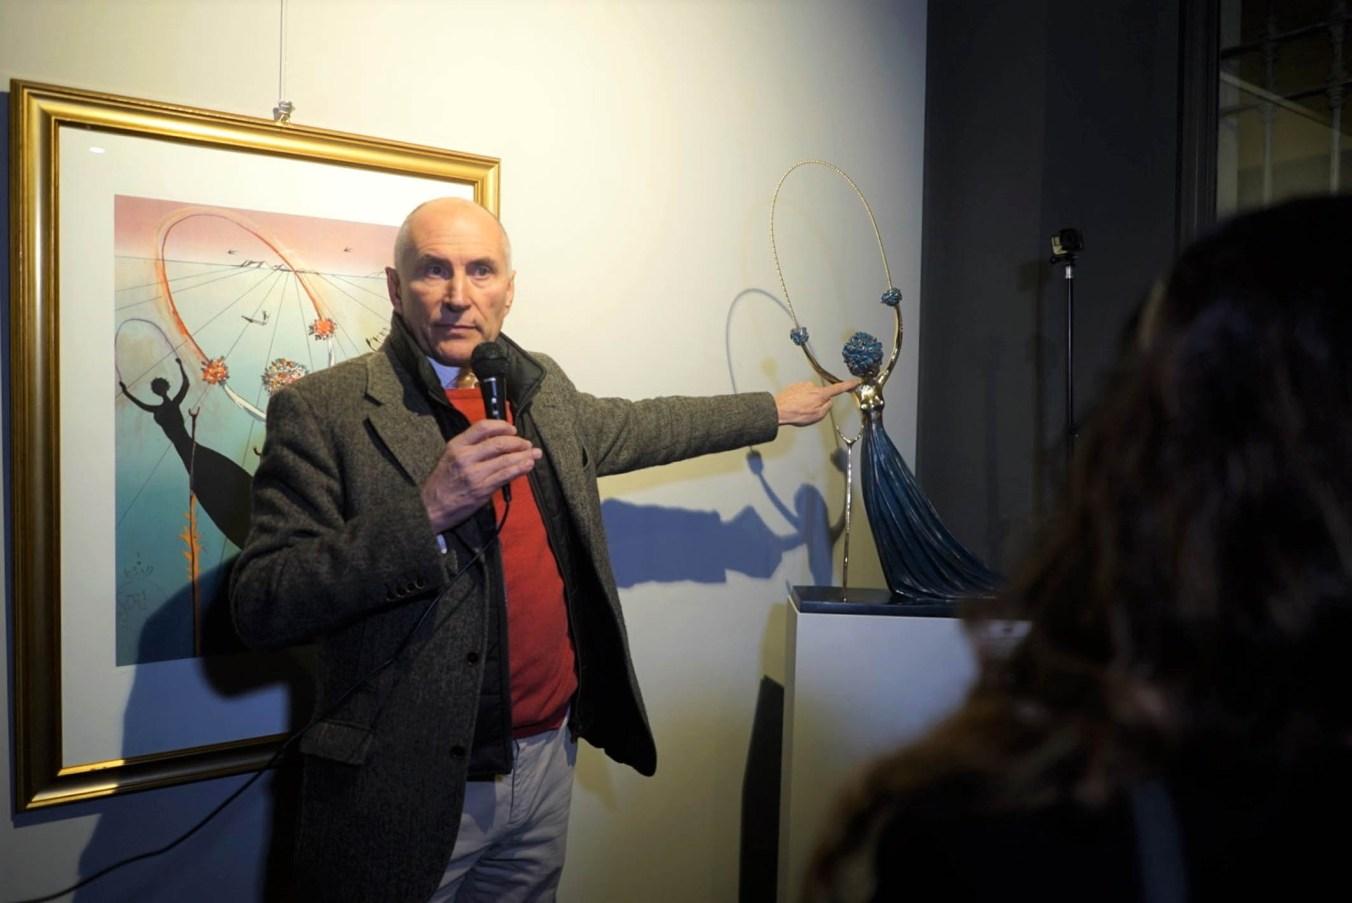 Ferruccio Carminati in una recente mostra mercato delle opere di Dalì allestita a Parma